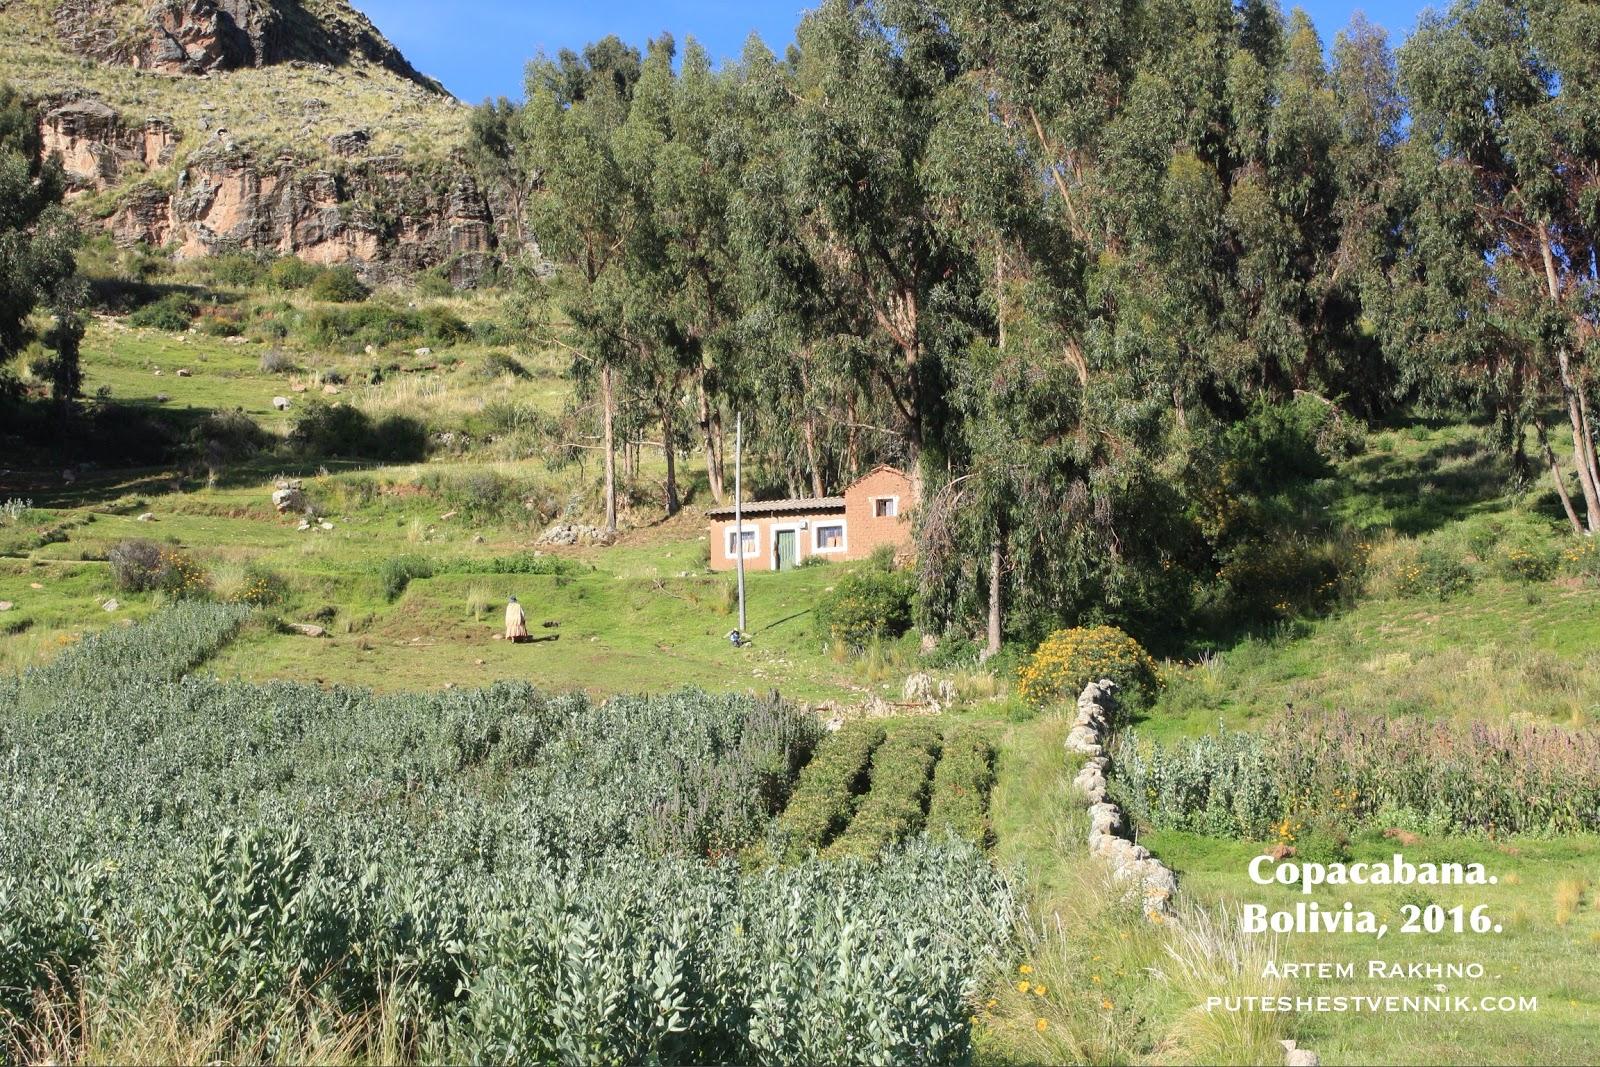 Дом и огород в Боливии